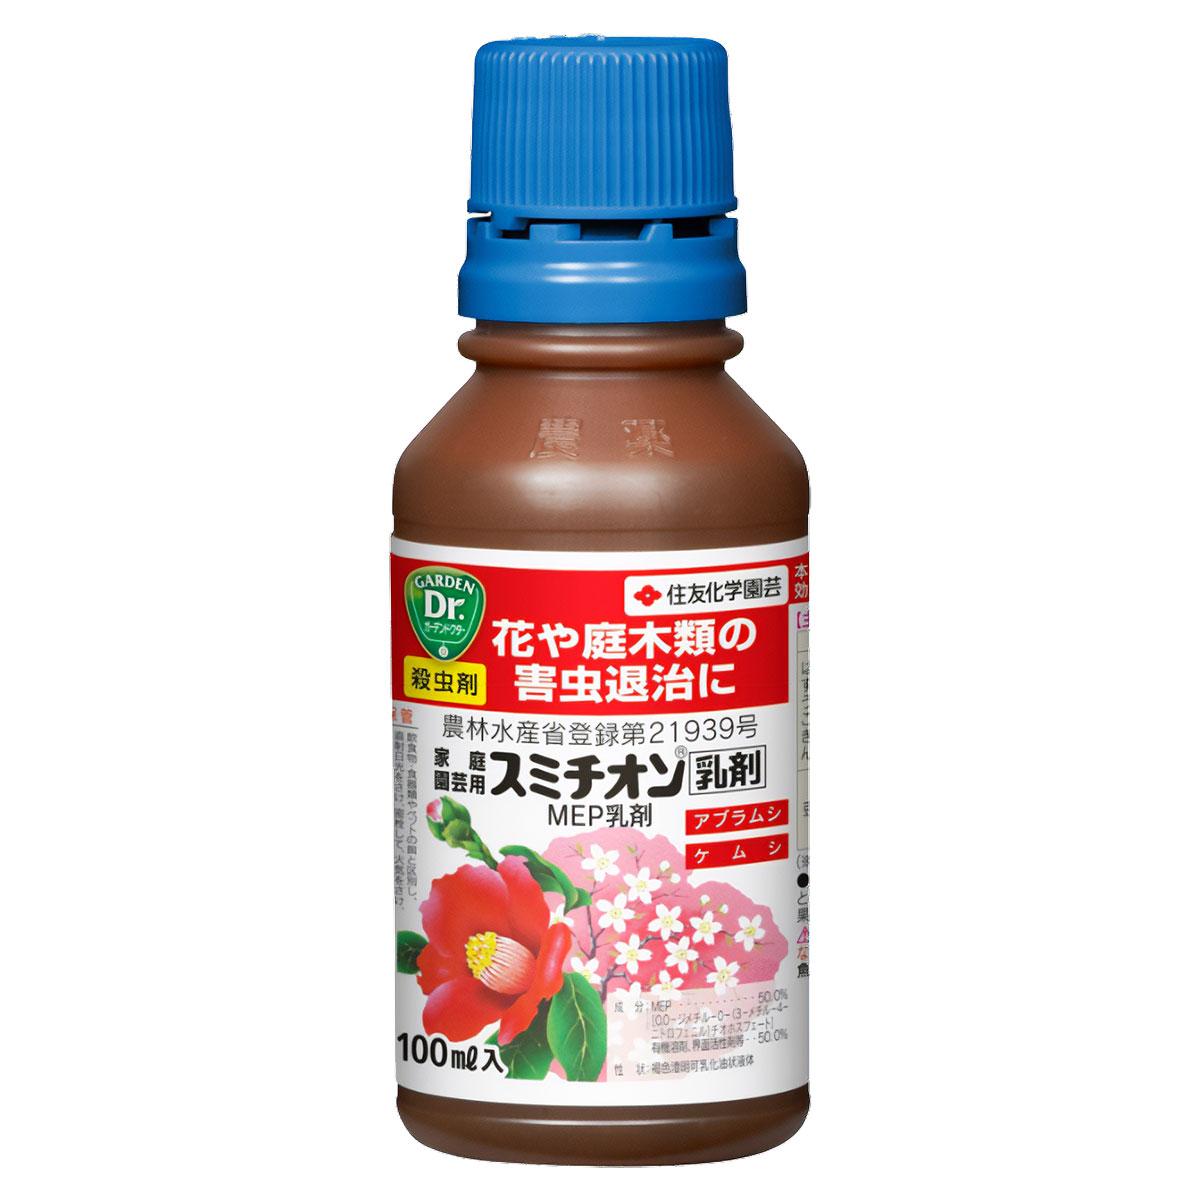 幅広い植物の害虫退治に 住友化学園芸 スミチオン乳剤 マート 《週末限定タイムセール》 100ml A